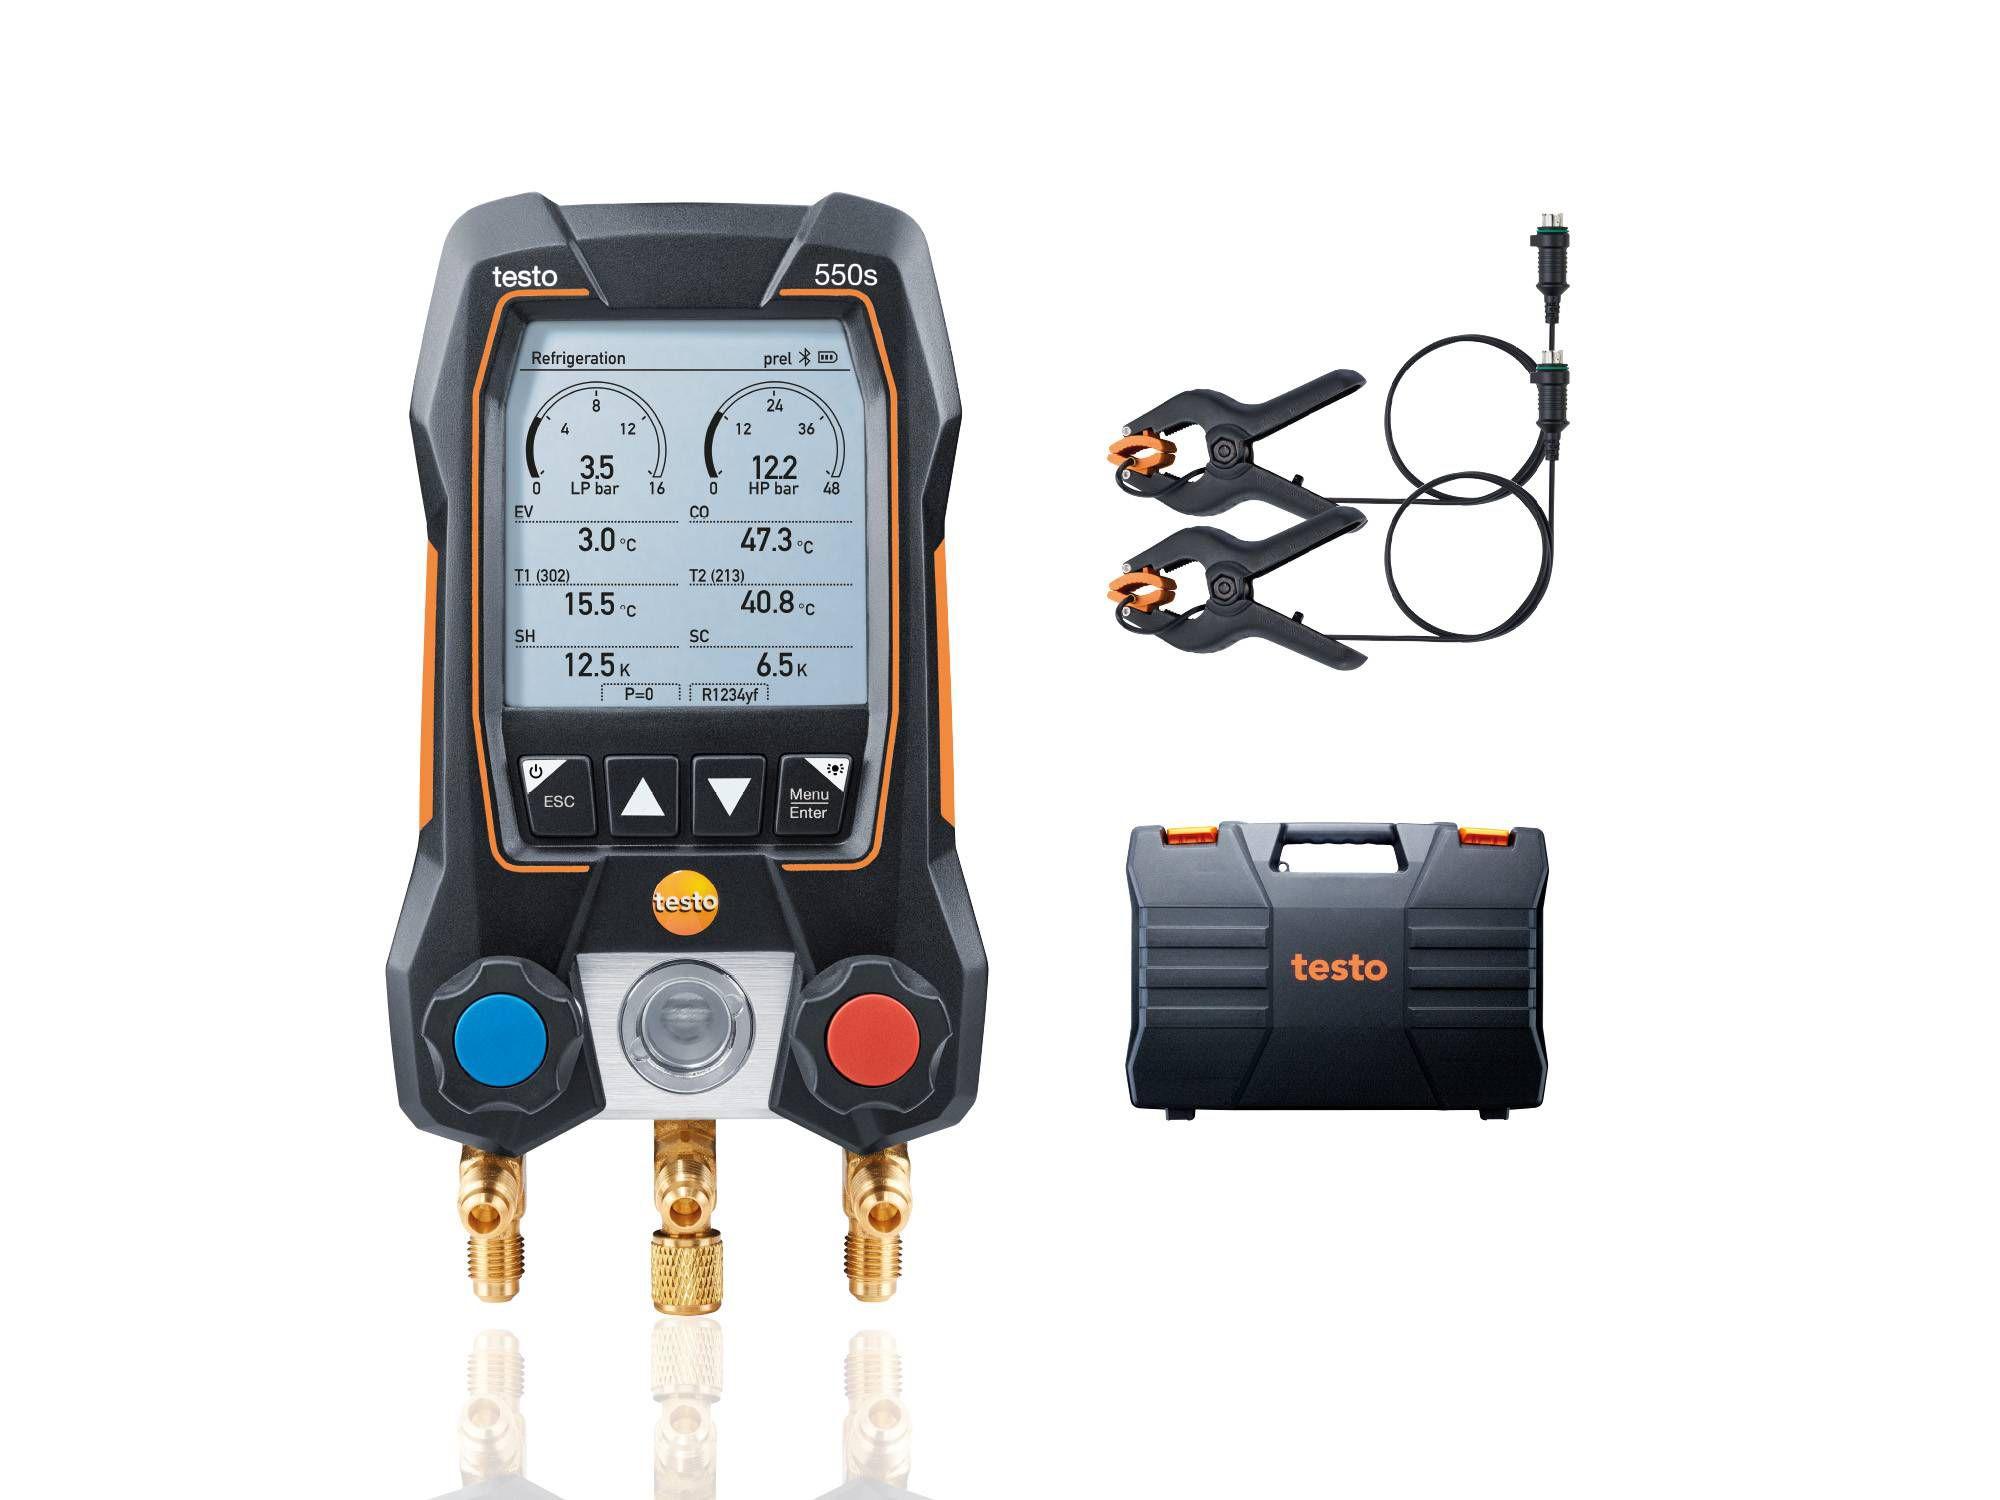 Умный цифровой манометрический коллектор testo 550s комплект 1 (0564 5501)